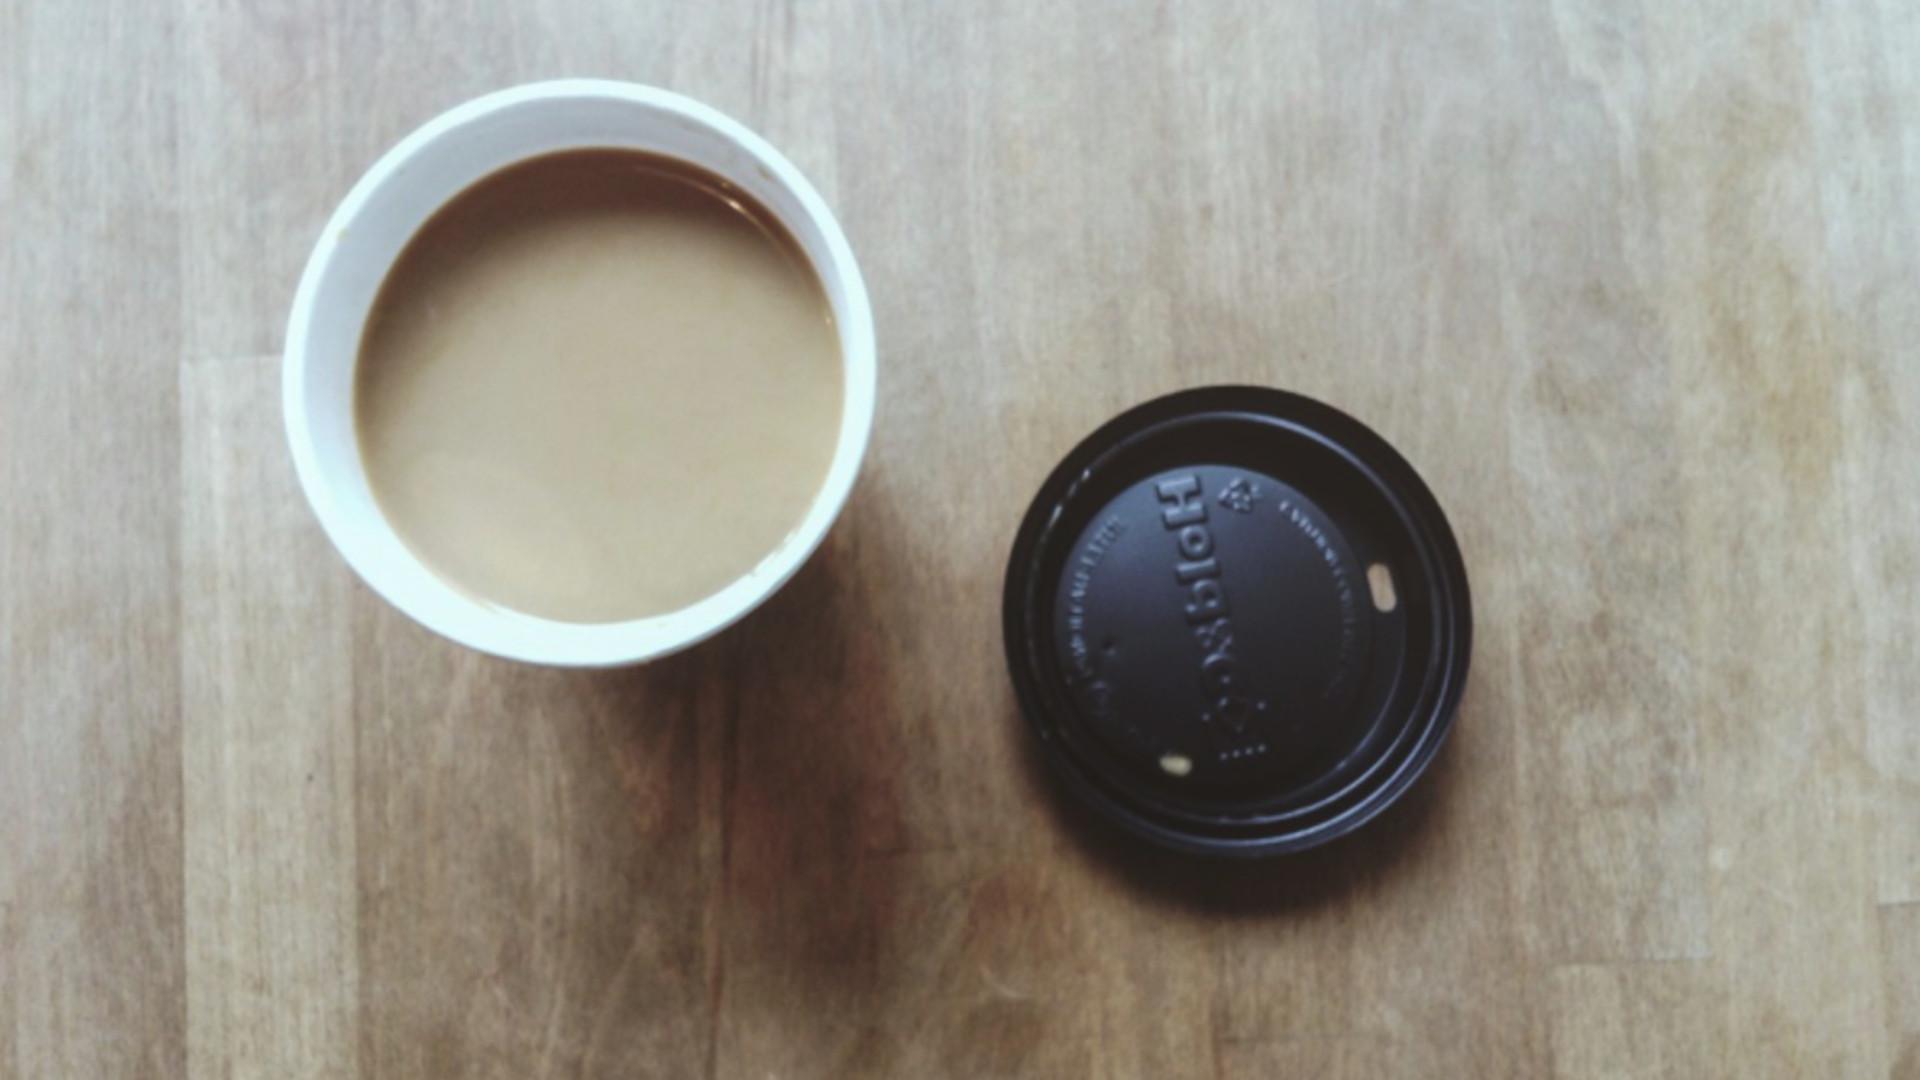 cafe-para-aumentar-la-productividad-en-el-trabajo-1920